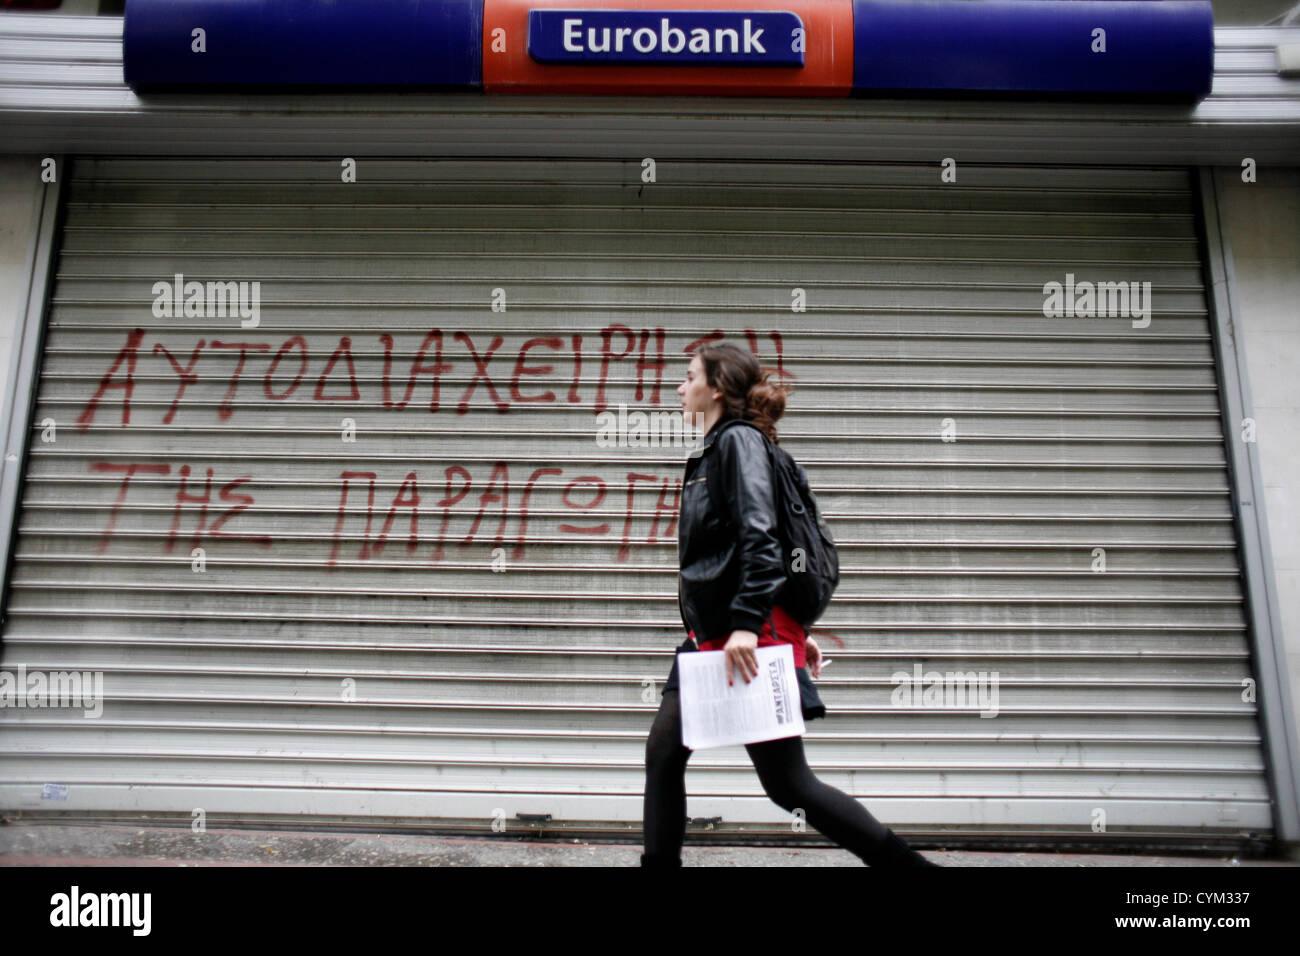 eurobank greece stock photos amp eurobank greece stock